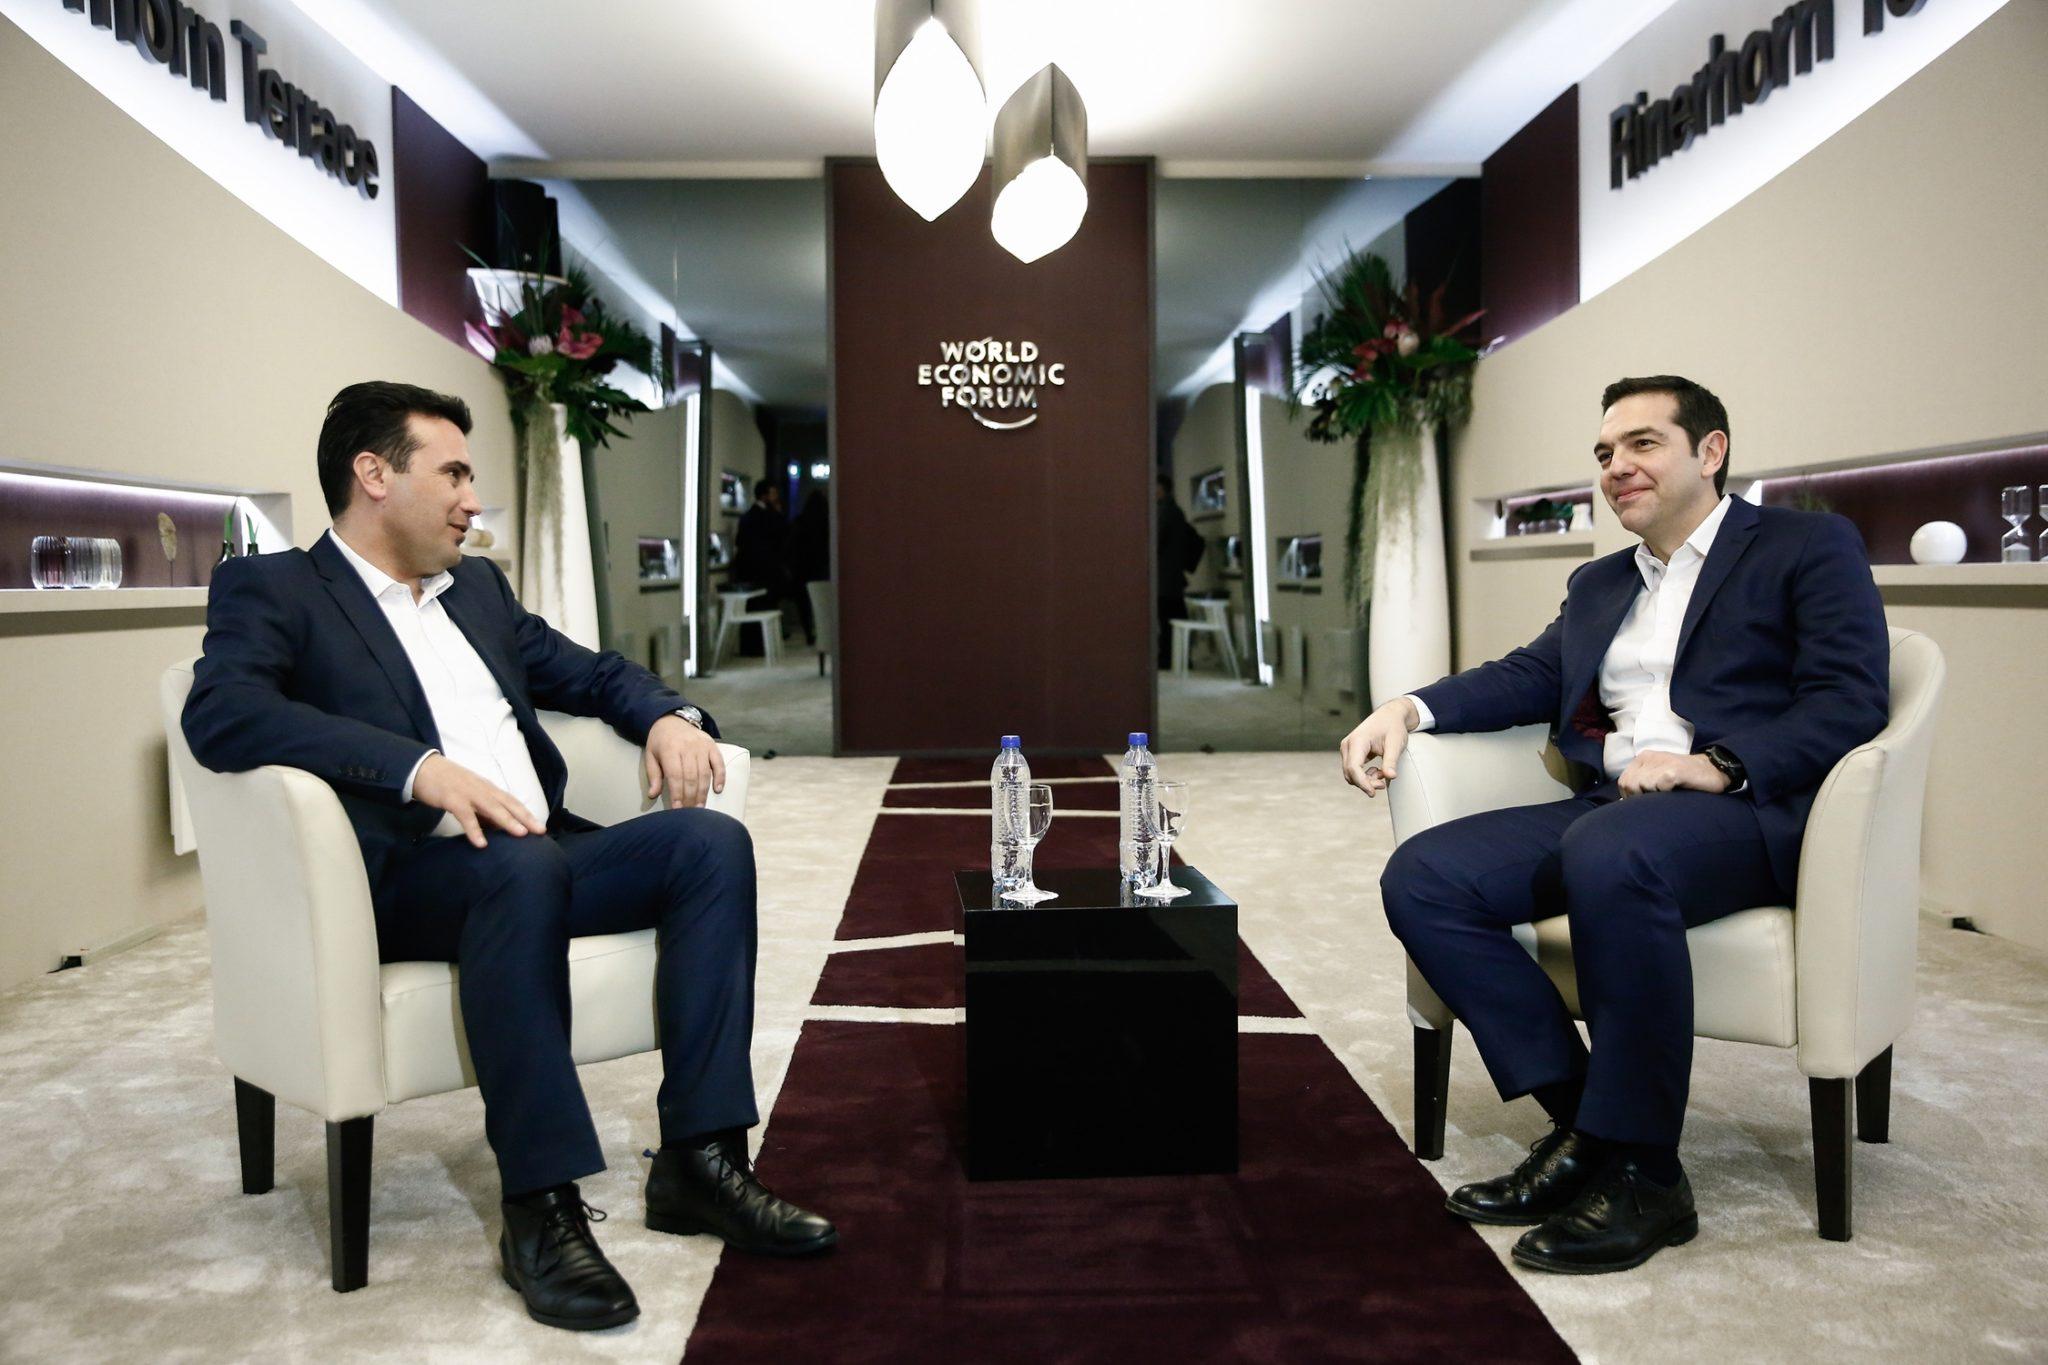 Νέα συνάντηση Τσίπρα Ζάεφ αύριο στη Σόφια | to10.gr